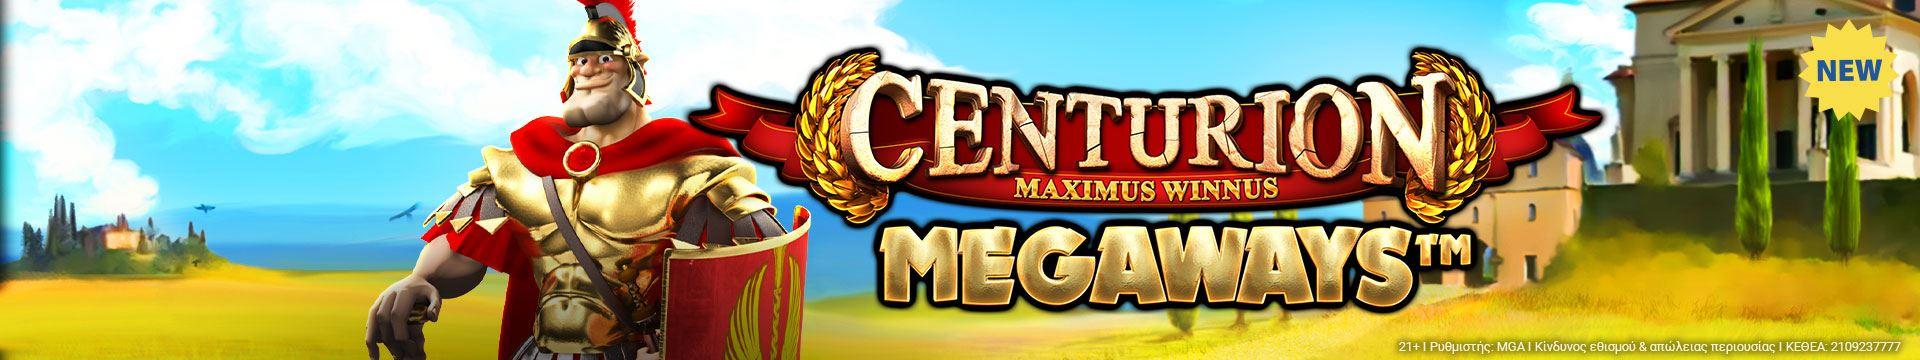 Centurion_Megaways